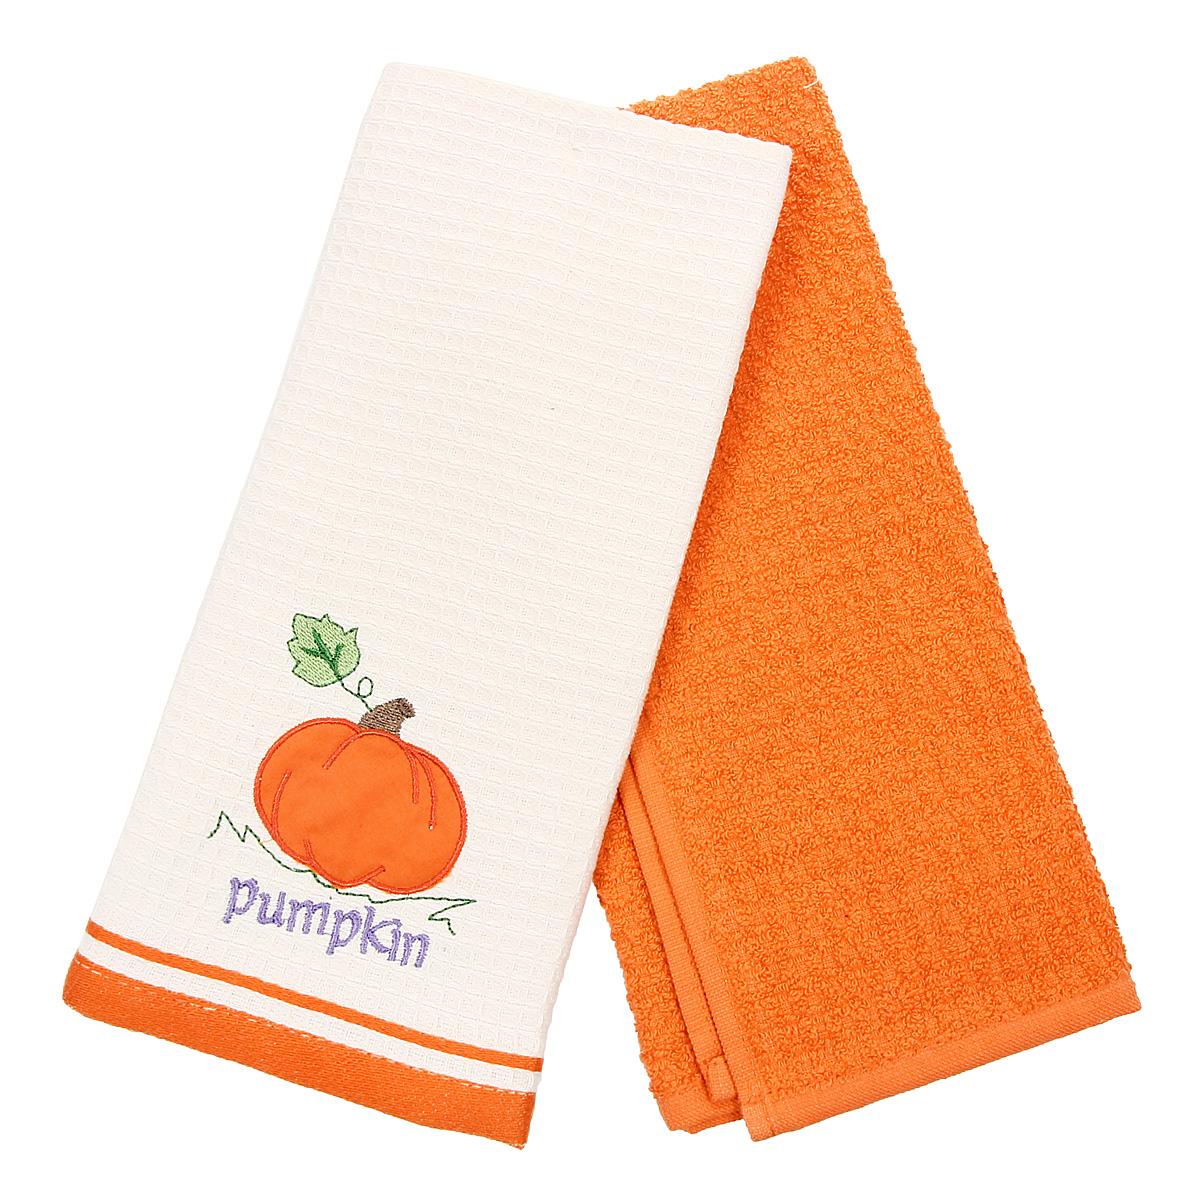 Набор кухонных полотенец Coronet Тыква, цвет: оранжевый, бежевый, 40 см х 60 см, 2 штК-МП-5010-05-05-01Набор Coronet Тыква состоит из двух прямоугольных полотенец: вафельного полотенца бежевого цвета с вышивкой в виде тыквы и махрового полотенца оранжевого цвета. Изделия выполнены из натурального хлопка, поэтому являются экологически чистыми. Высочайшее качество материала гарантирует безопасность не только взрослых, но и самых маленьких членов семьи. Кухонные полотенца Coronet практичны и долговечны. Прекрасно впитывают влагу. Эти свойства изделия из натурального хлопка не теряют на протяжении многих лет. Хлопчатобумажные изделия выдерживают многочисленные стирки при высоких температурах. Такой набор идеально дополнит интерьер вашей кухни и создаст атмосферу уюта и комфорта. Coronet предлагает коллекции готовых стилистических решений для различной кухонной мебели, множество видов, рисунков и цветов. Вам легко будет создать нужную атмосферу на кухне и в столовой. Рекомендации по уходу: - стирать при температуре 40°С, - чистка с использованием...